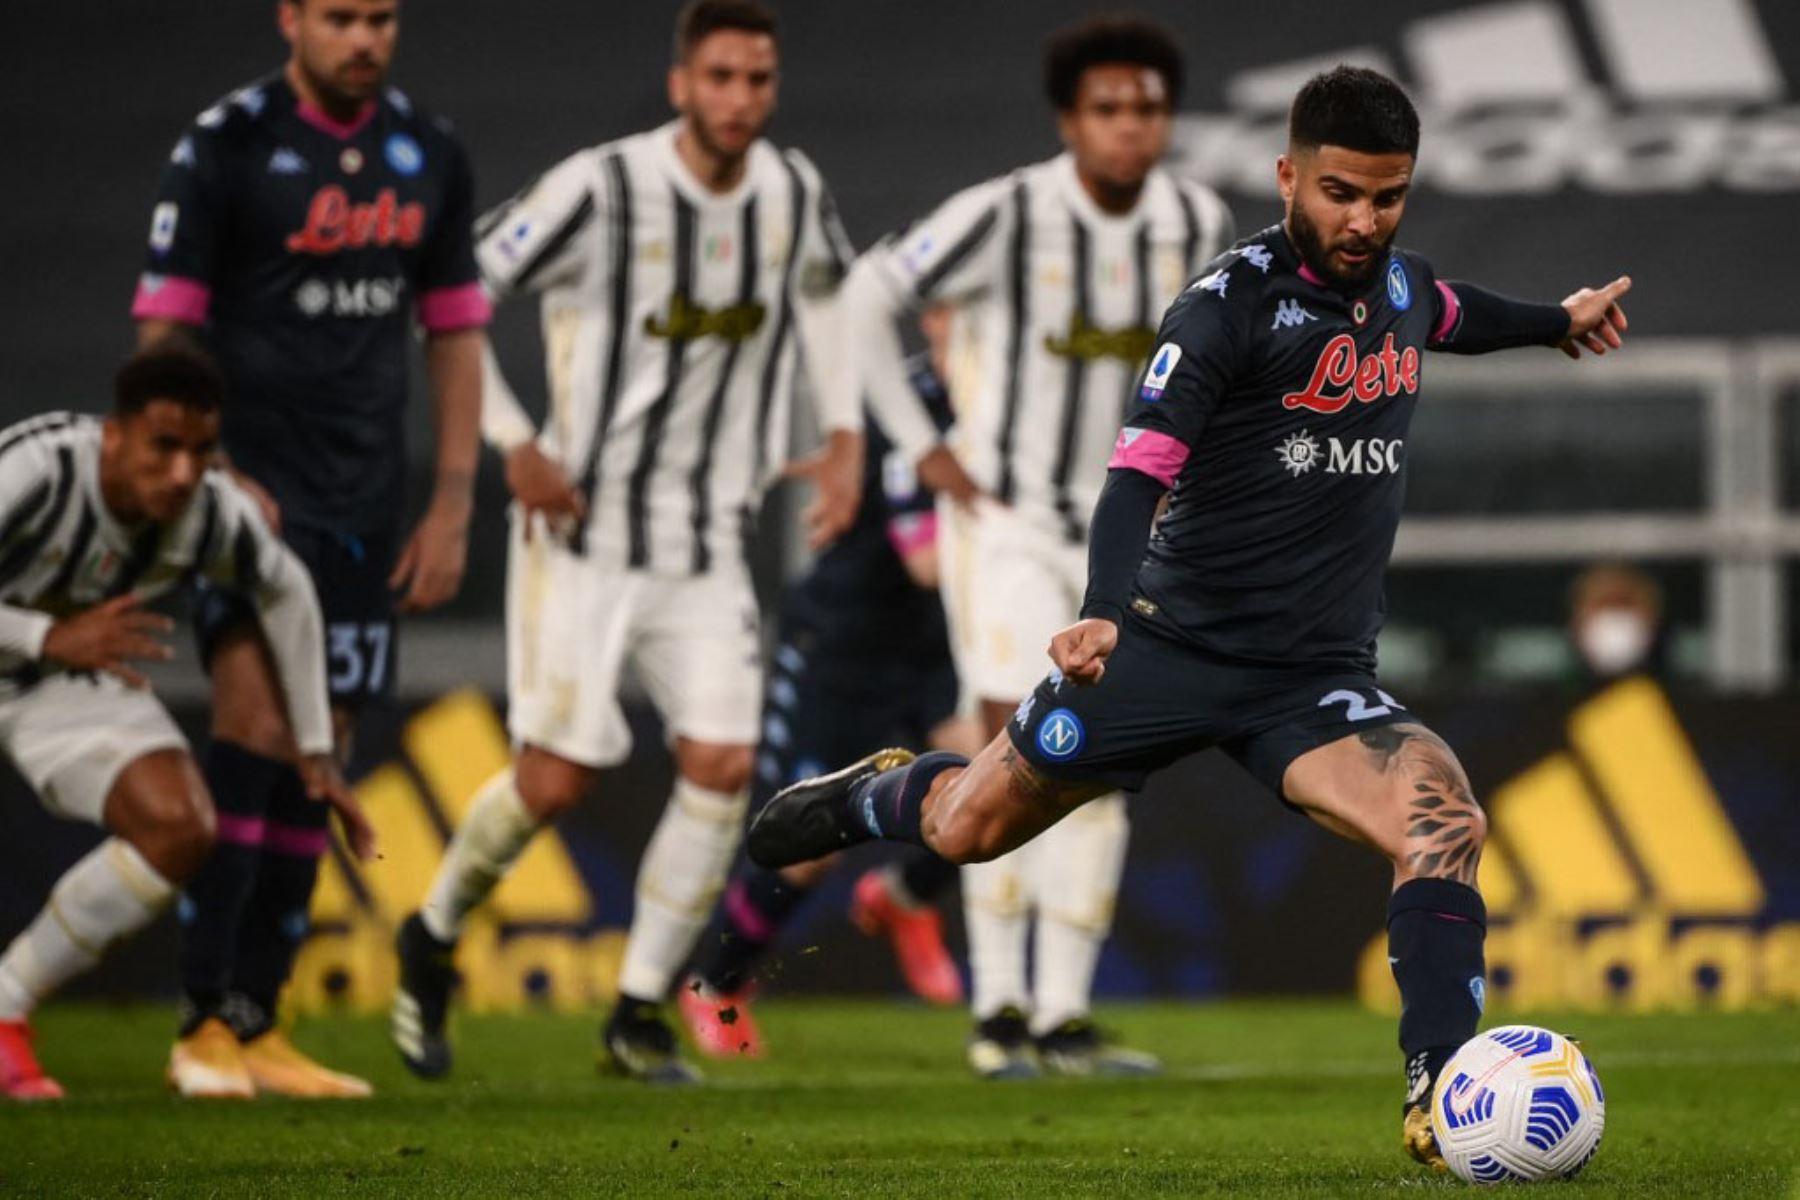 El delantero italiano del Napoli Lorenzo Insigne (R) dispara para marcar un penalti durante el partido de fútbol de la Serie A italiana Juventus vs Napoli.  Foto:AFP